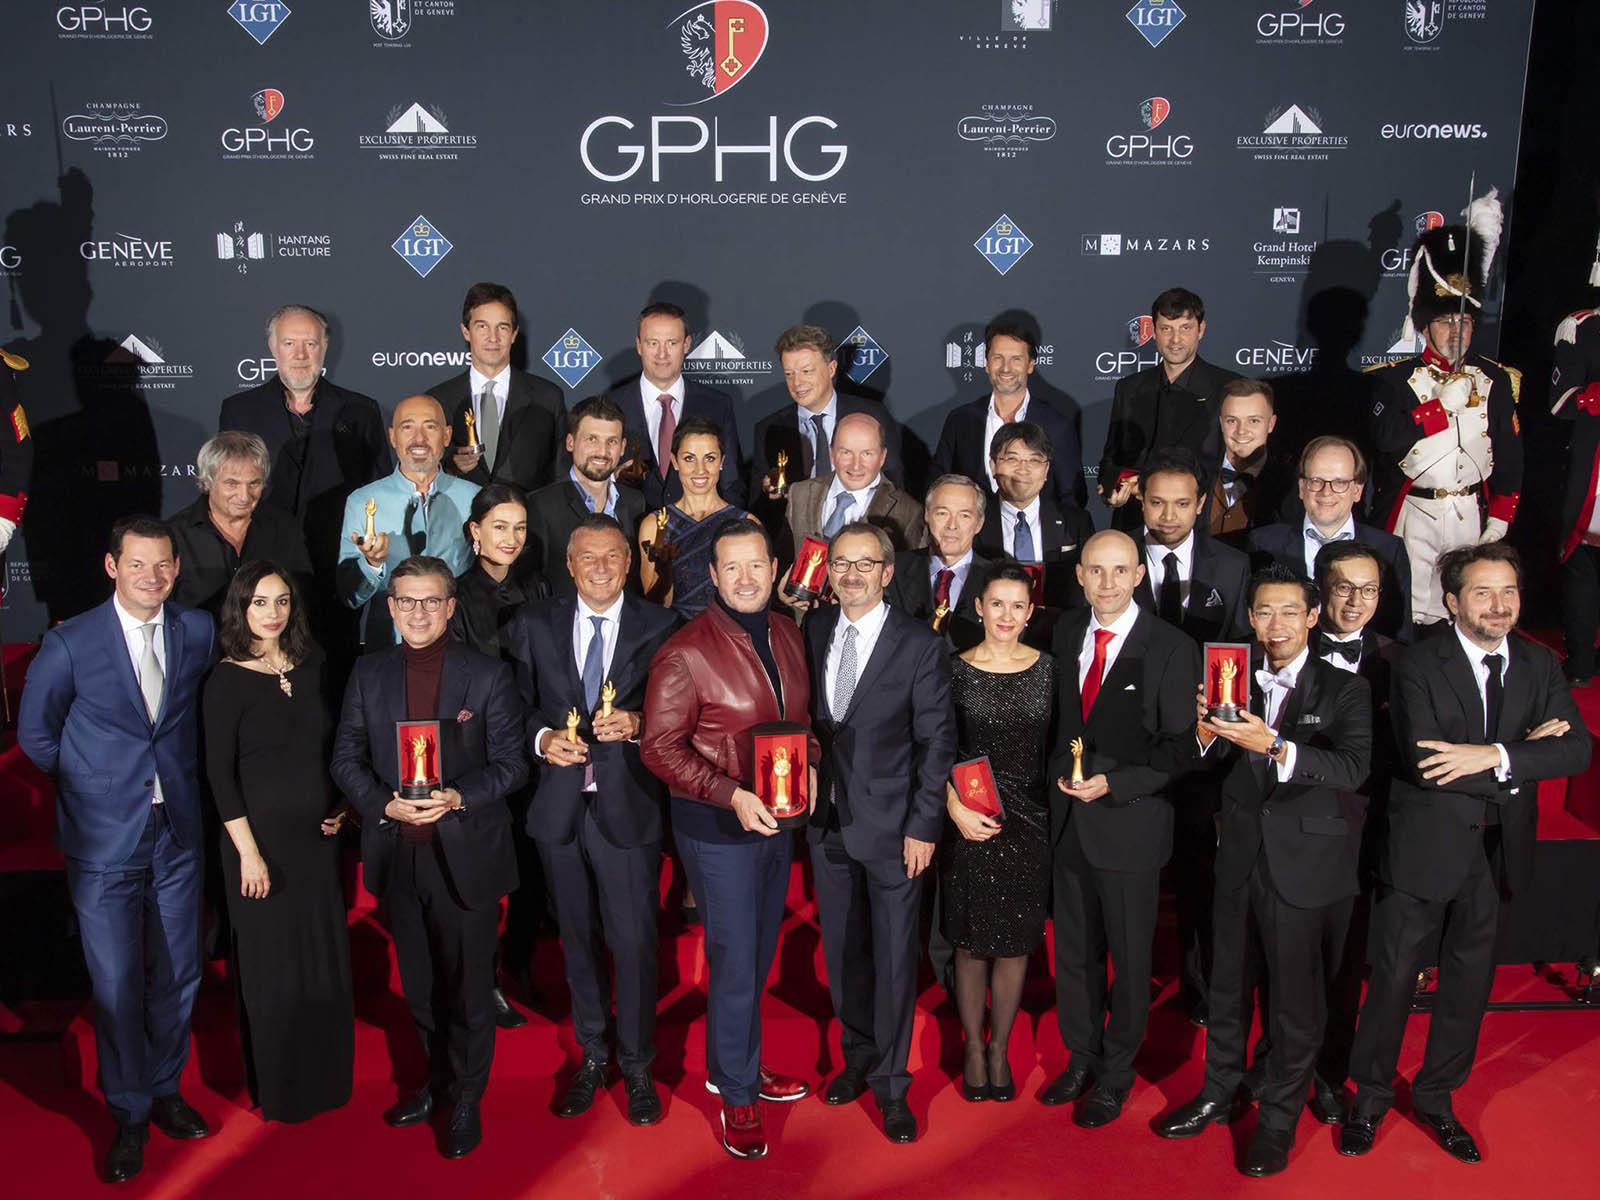 gphg-2019-2.jpg